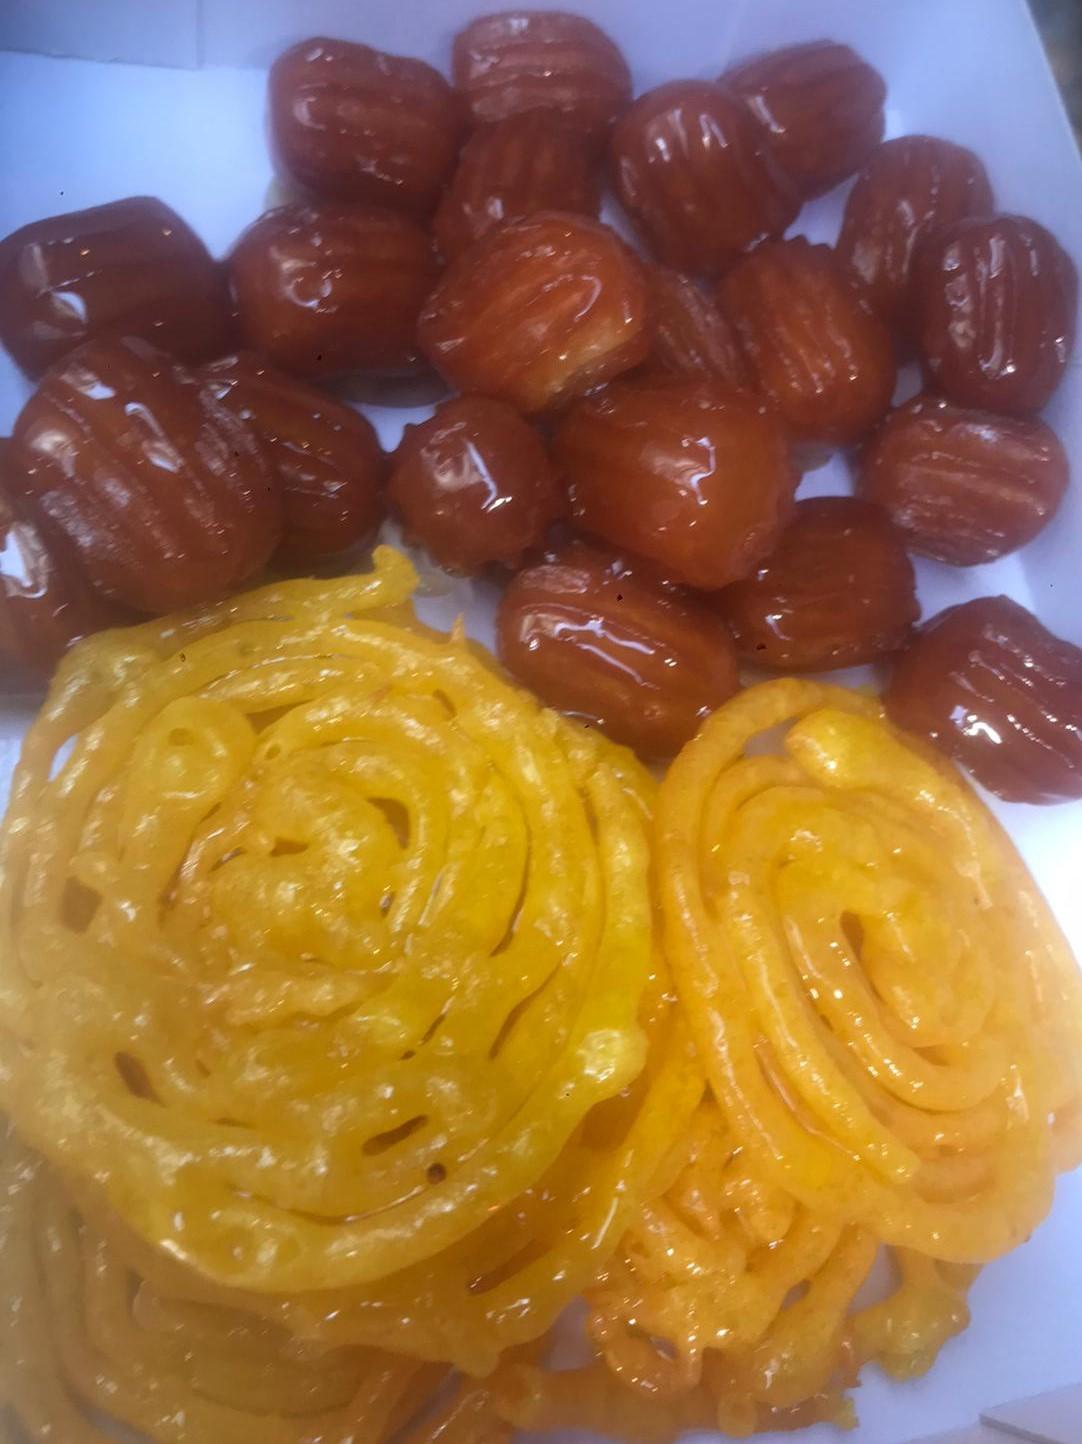 تاریخچه ی زولبیا و بامیه : این شیرینی های عجیب و خوشمزه